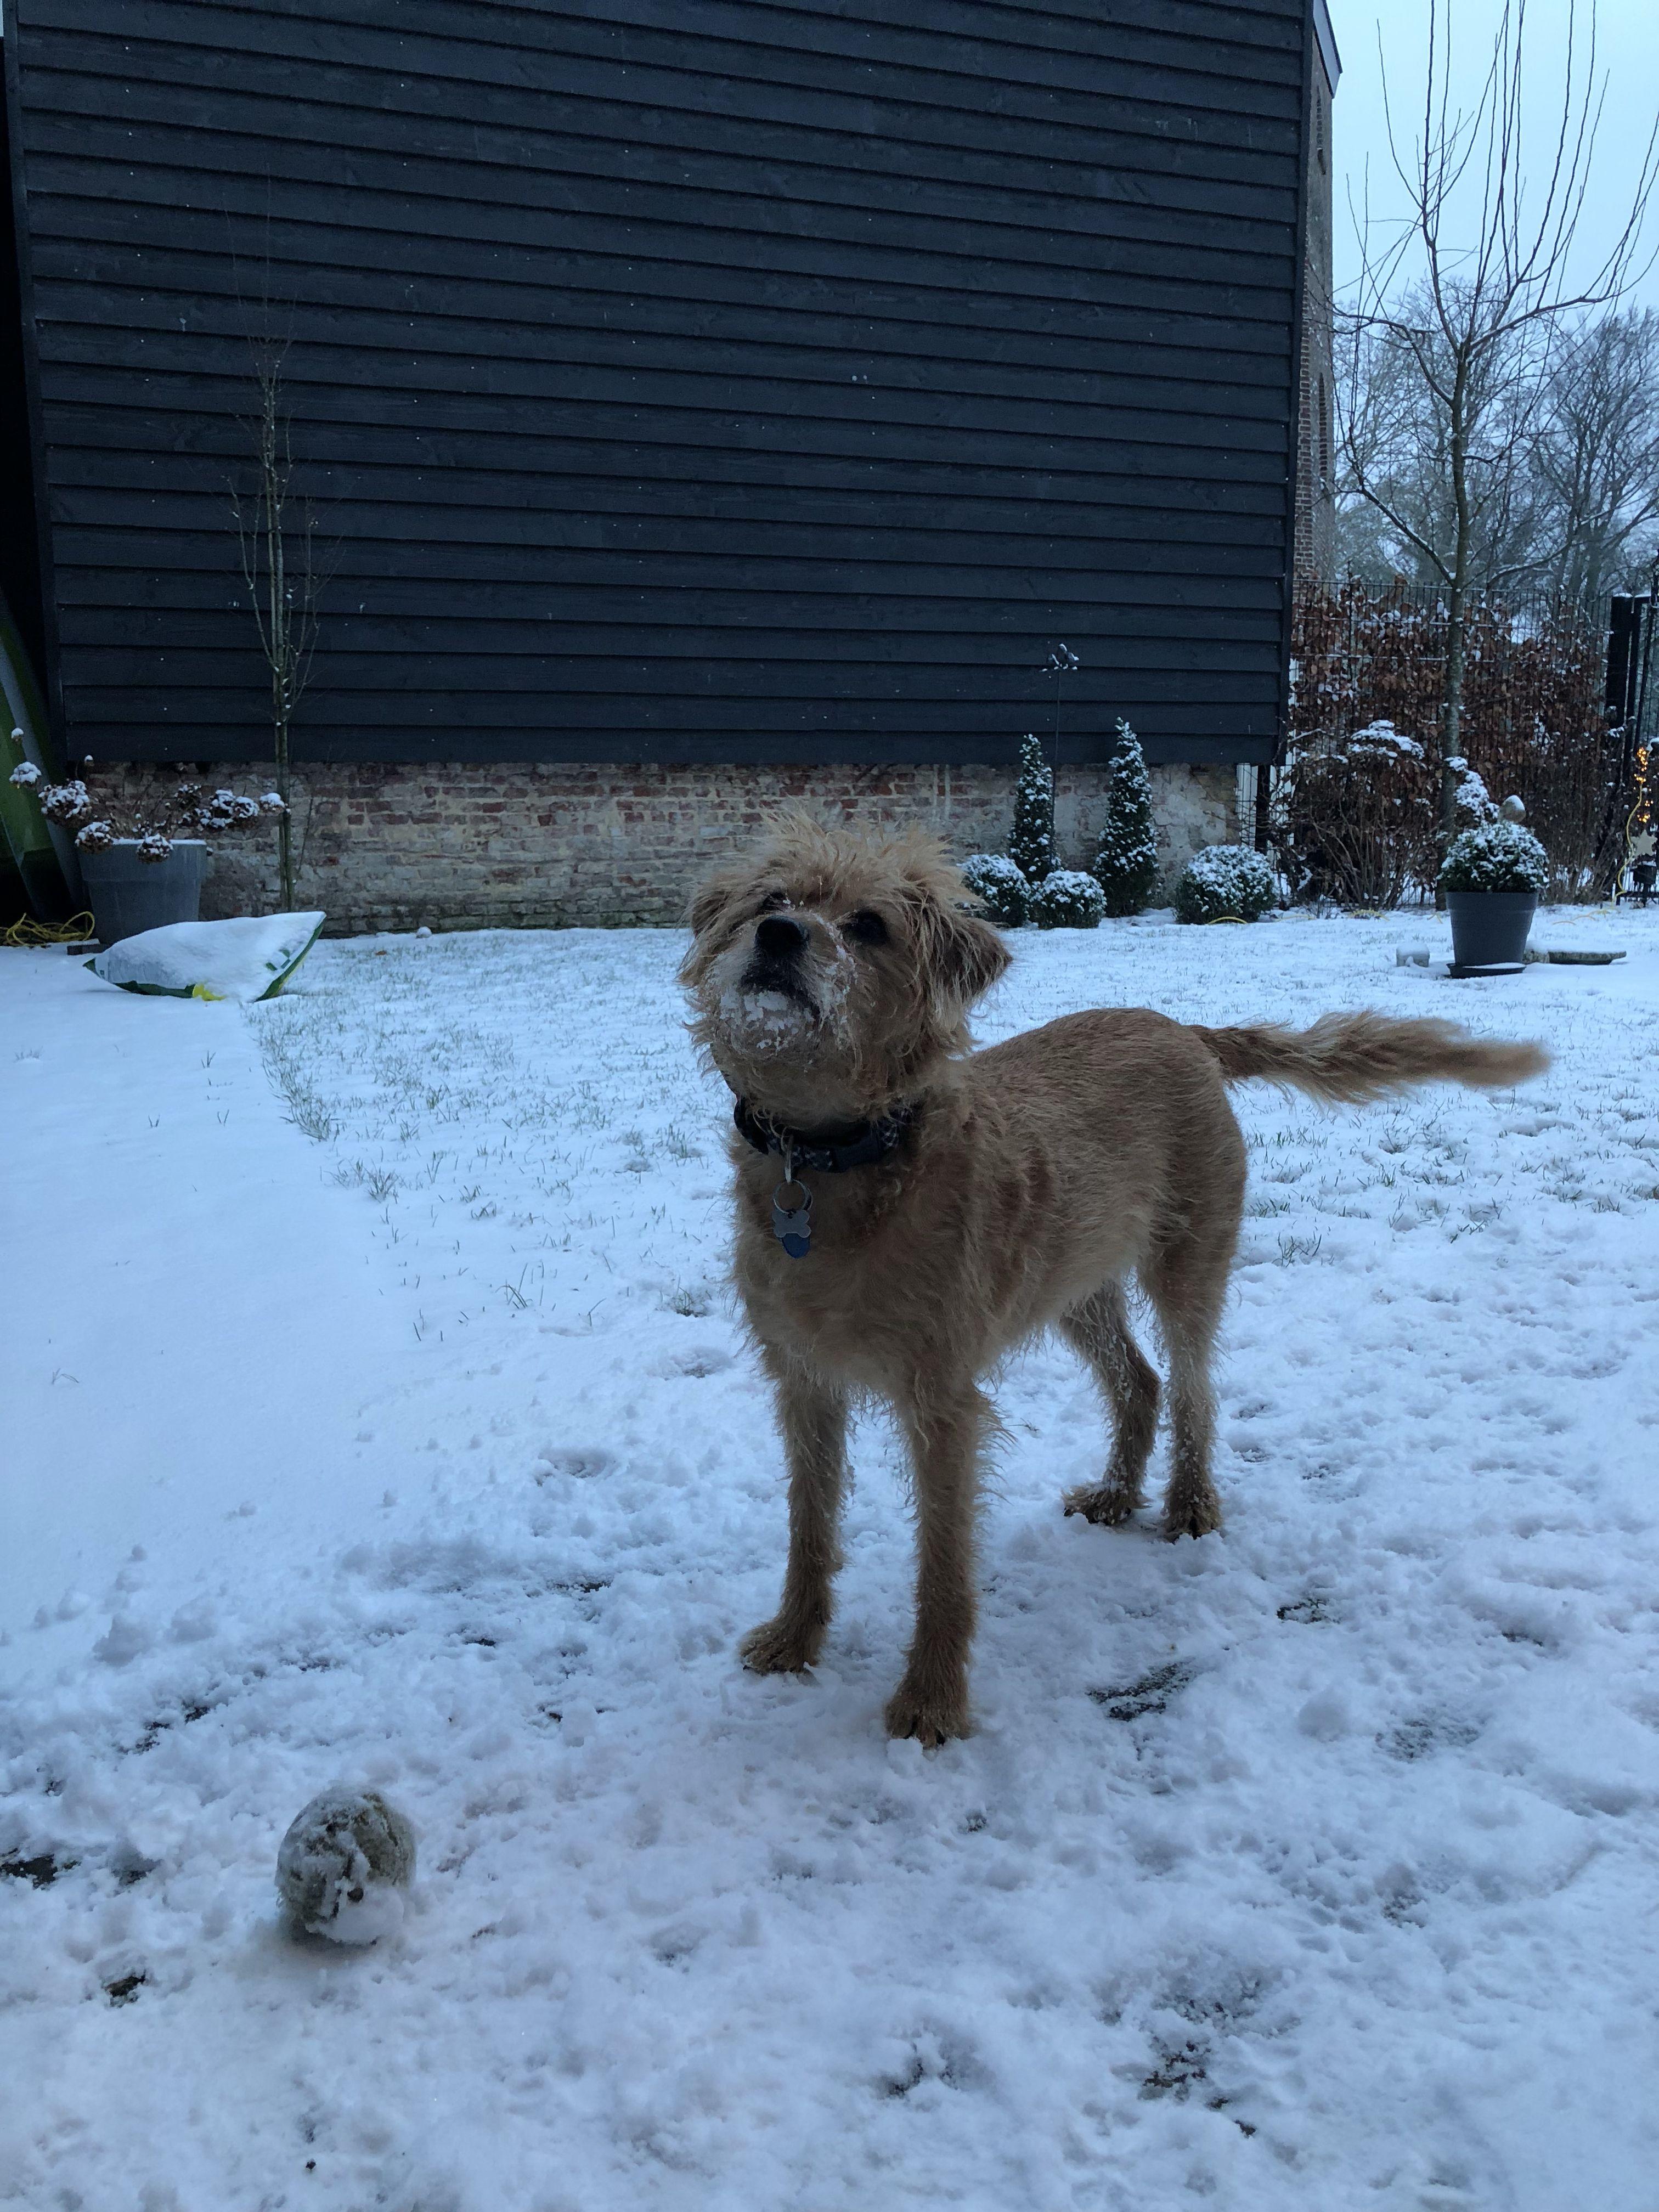 Belle In De Sneeuw Gooi Je De Bal Hollandse Smoushoud 2019 Honden Holland Sneeuw